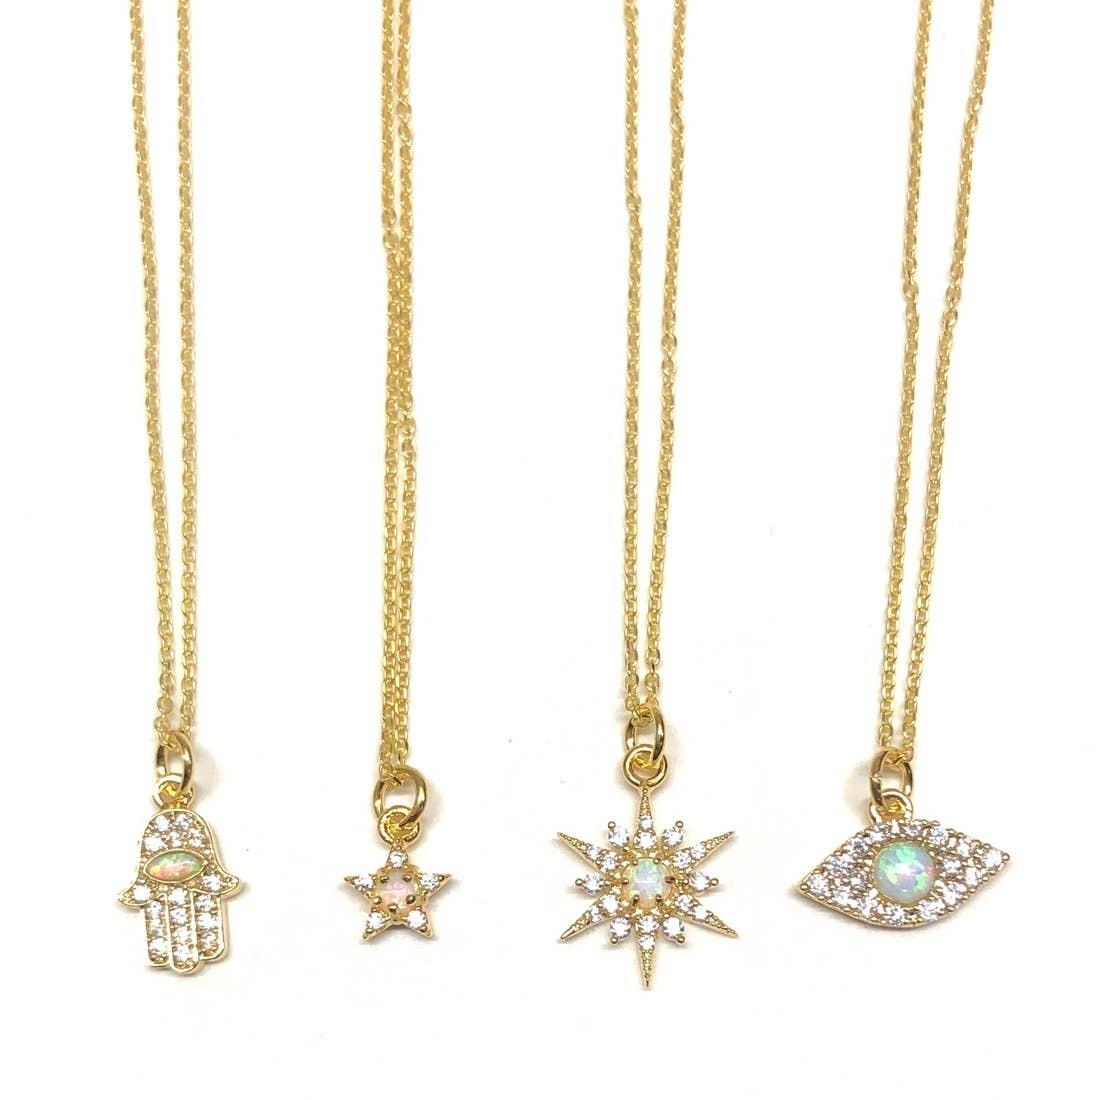 Golden Opal Charm Necklaces